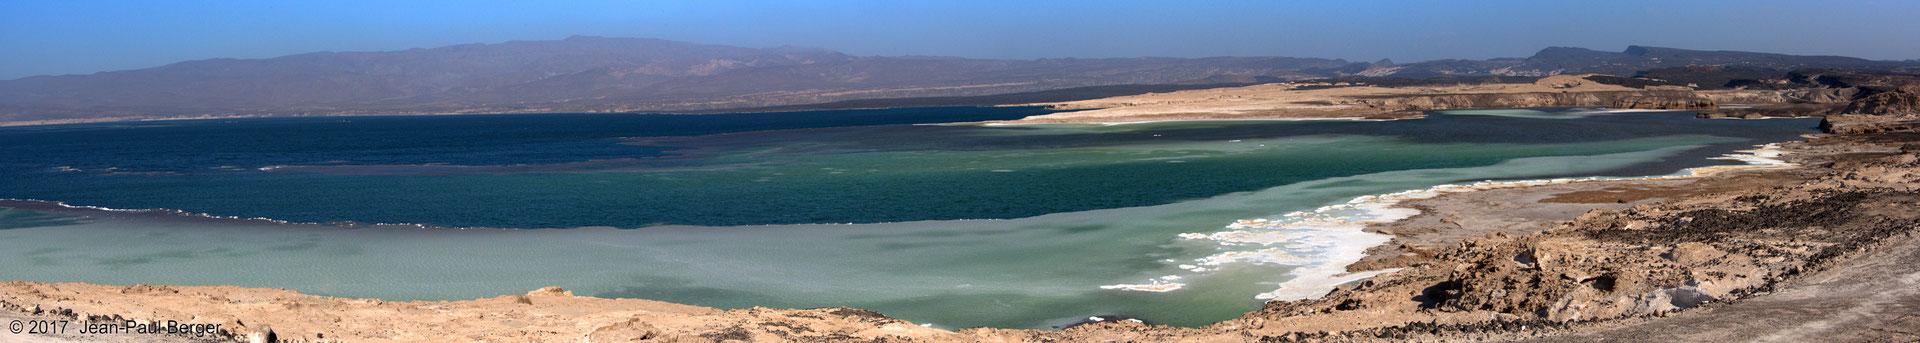 Le Lac Asal et le Rift en arrière-plan